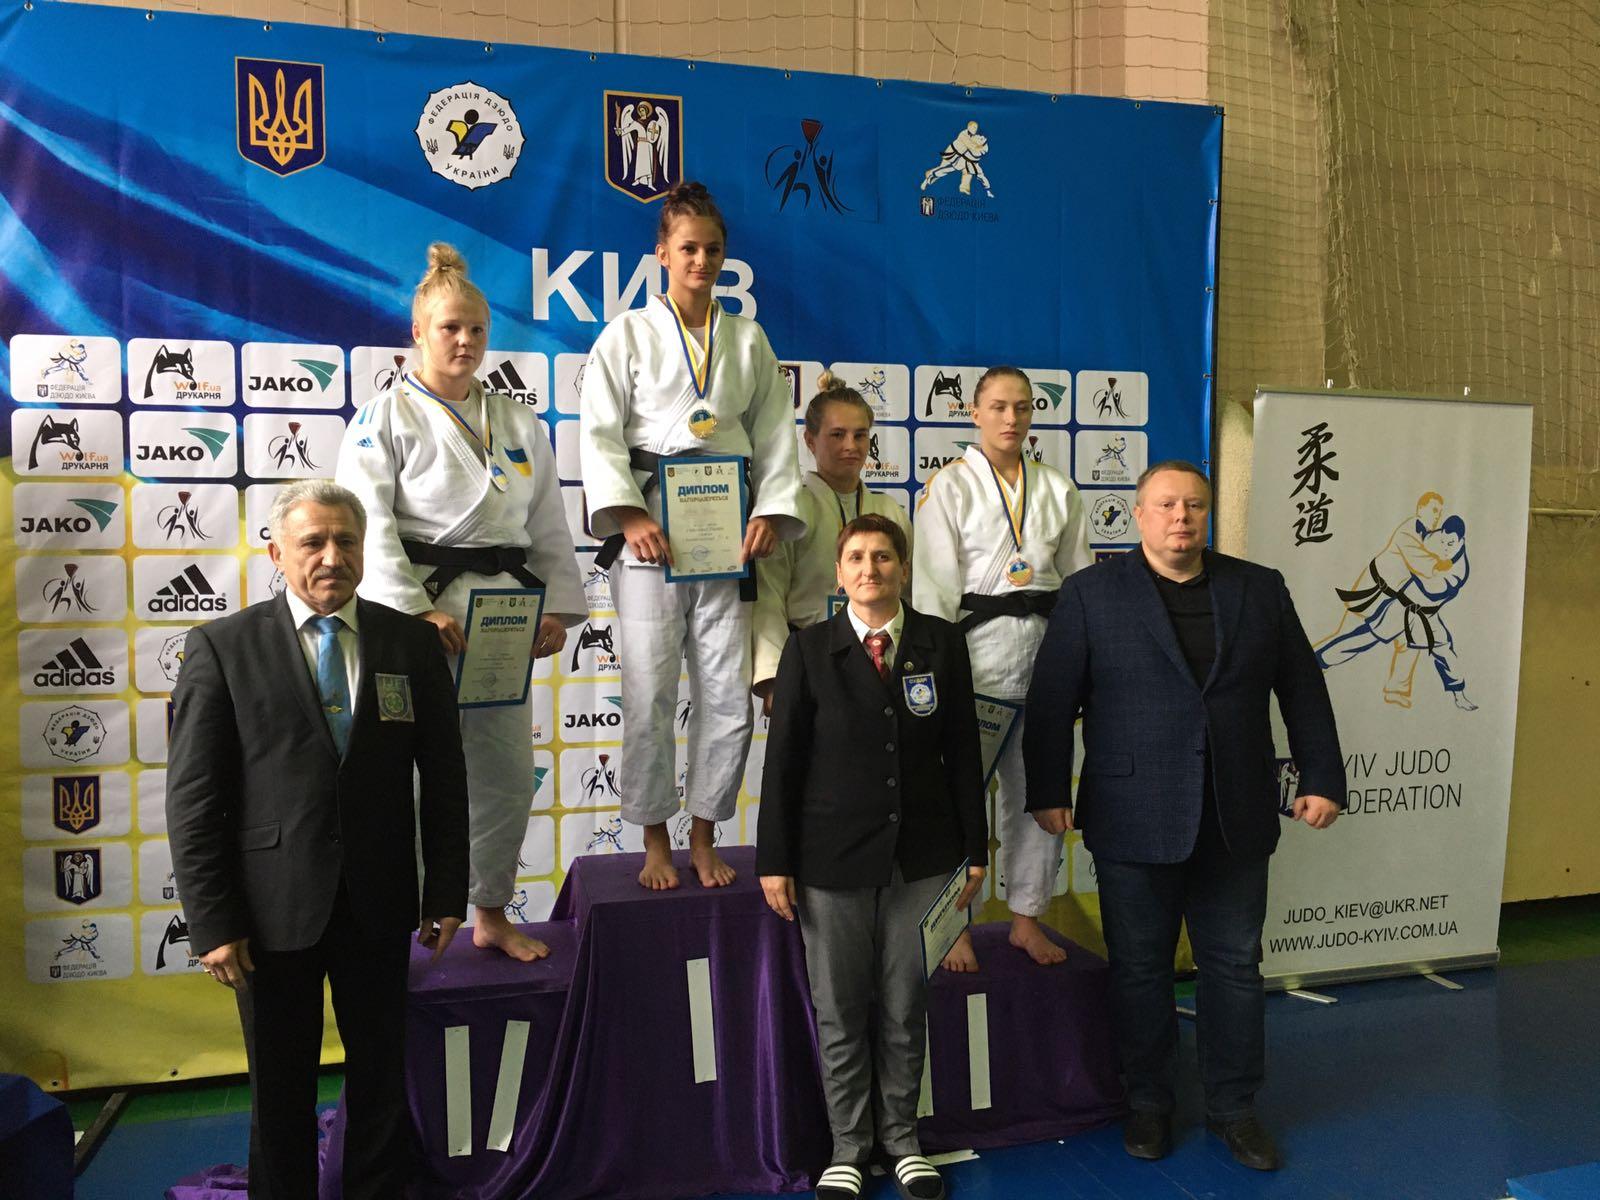 Прикарпатські спортсмени відзначилися на чемпіонаті України з дзюдо